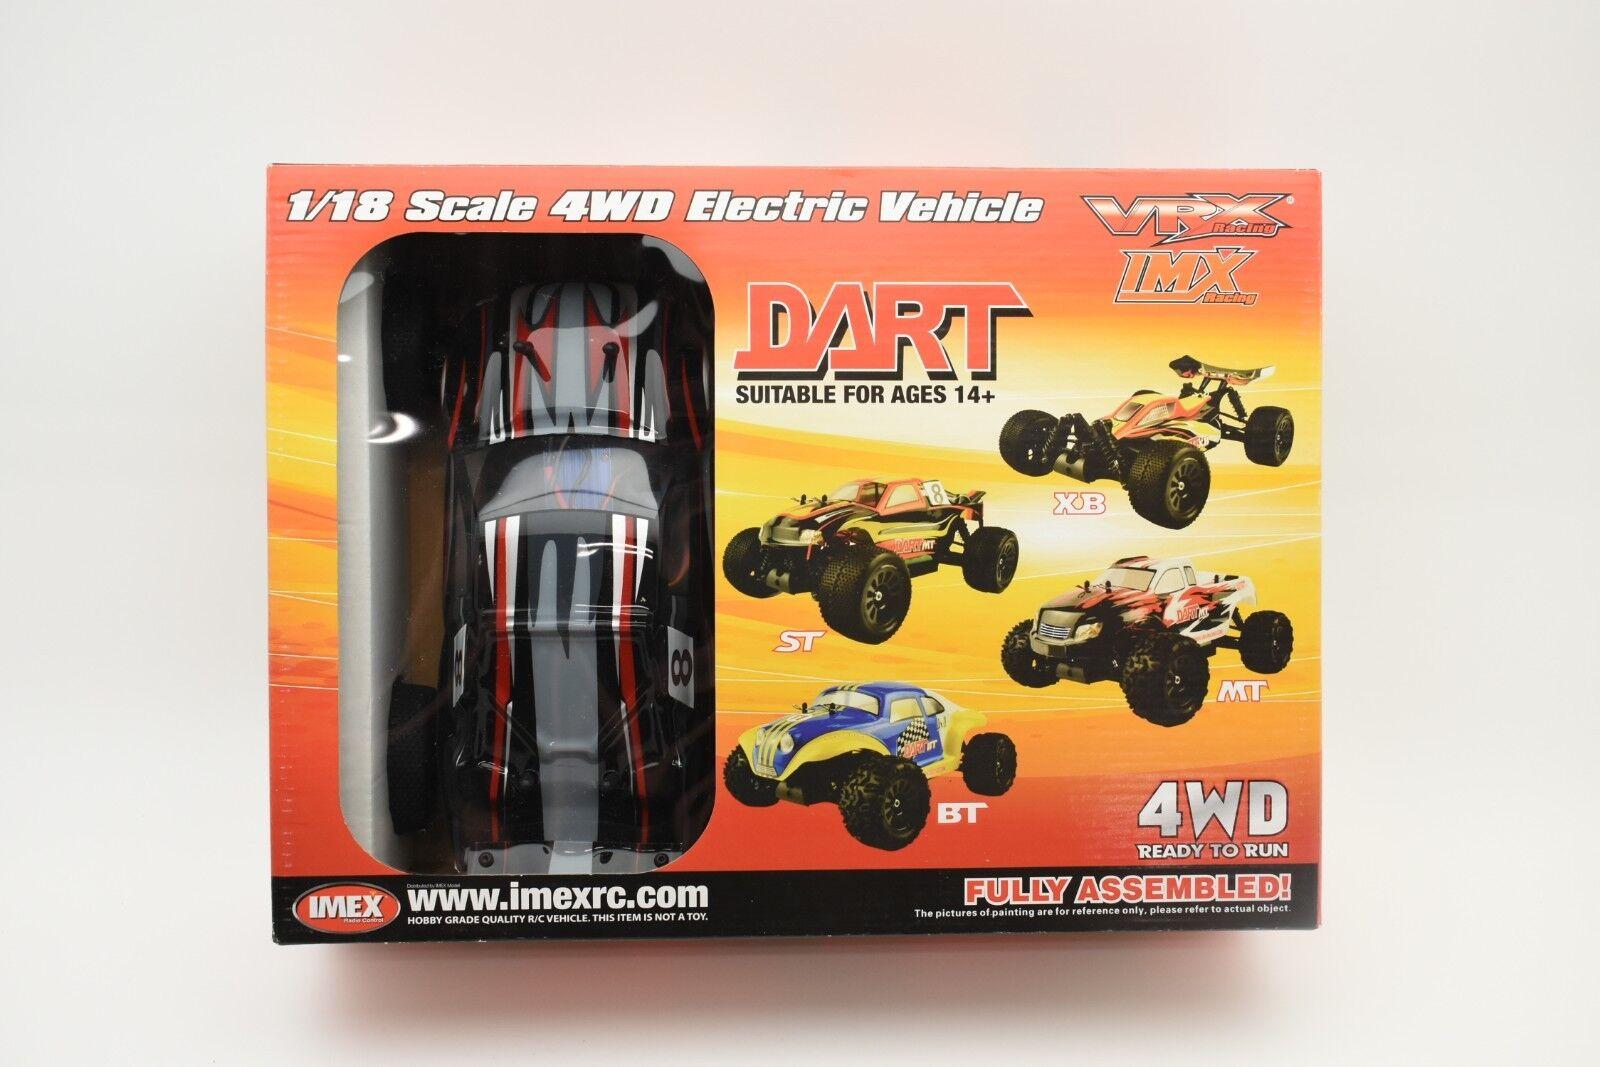 VRX18822-MT   Dardo Mt senza Spazzole 1 18 Scala 4wd Elettrico Veicolo ( Reb )